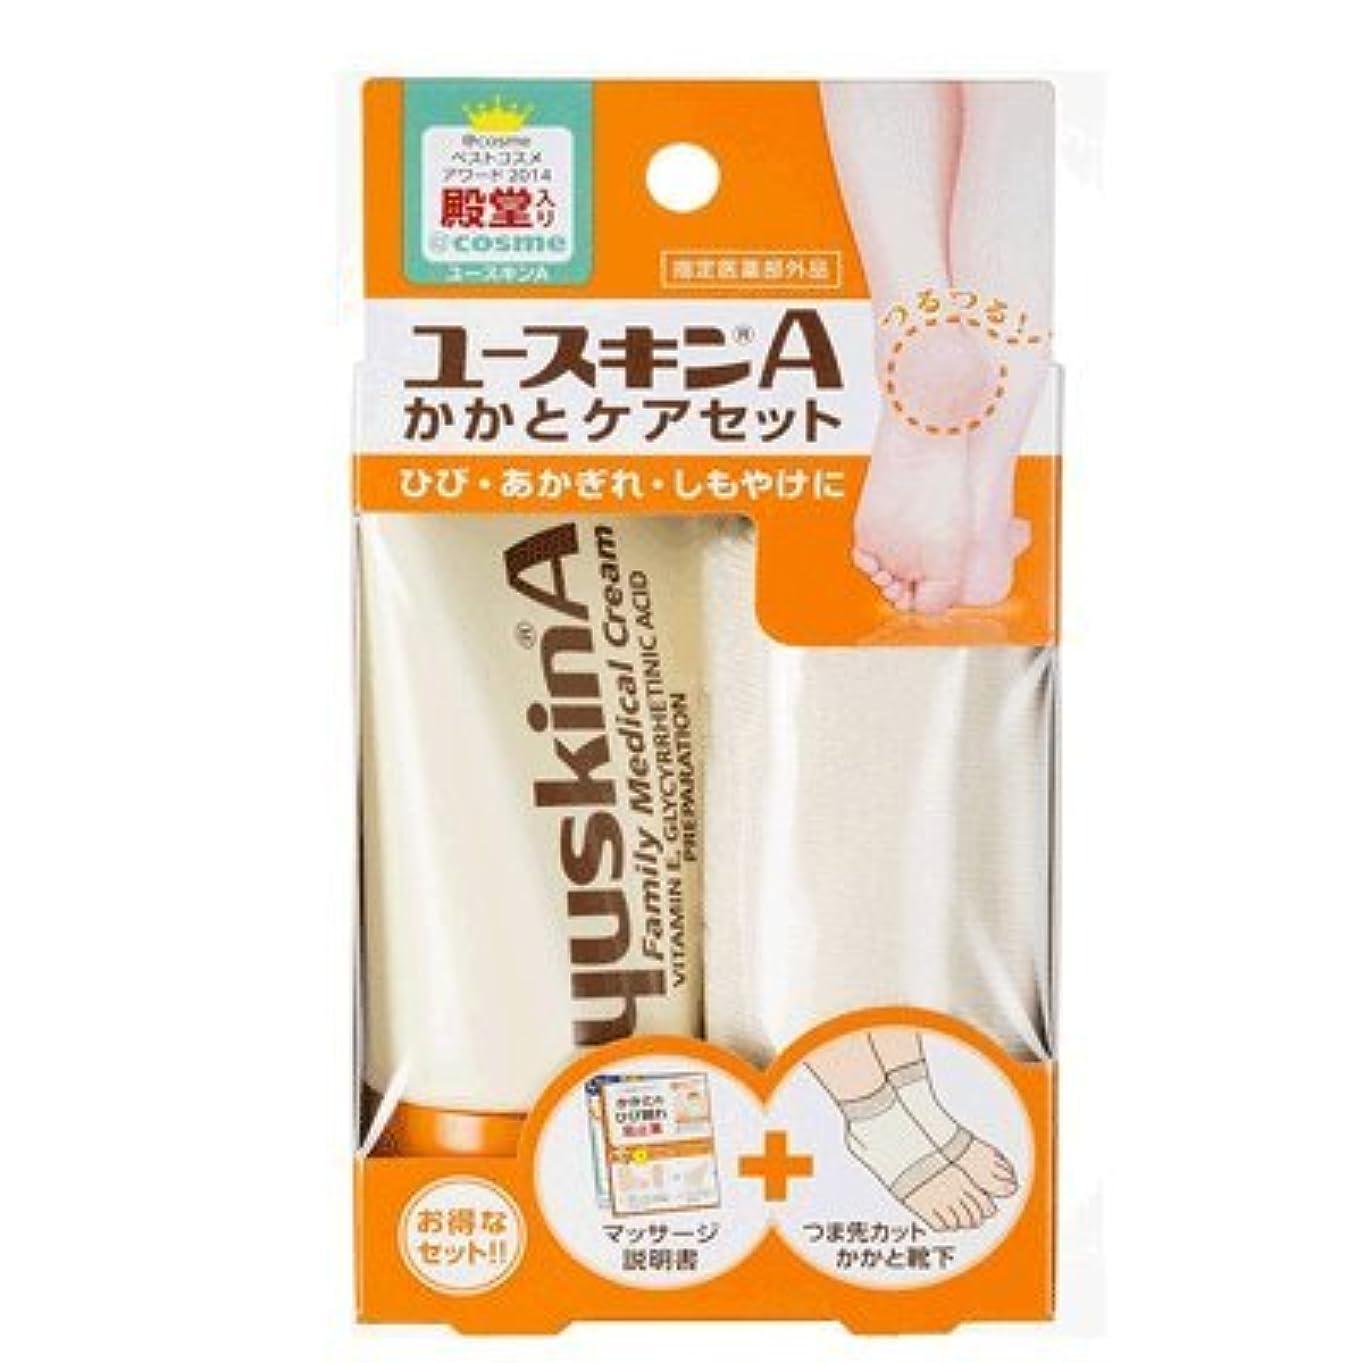 キルトレガシー掃除ユースキンA かかとケアセット 60g (靴下つき 保湿クリーム) [指定医薬部外品]×2個セット